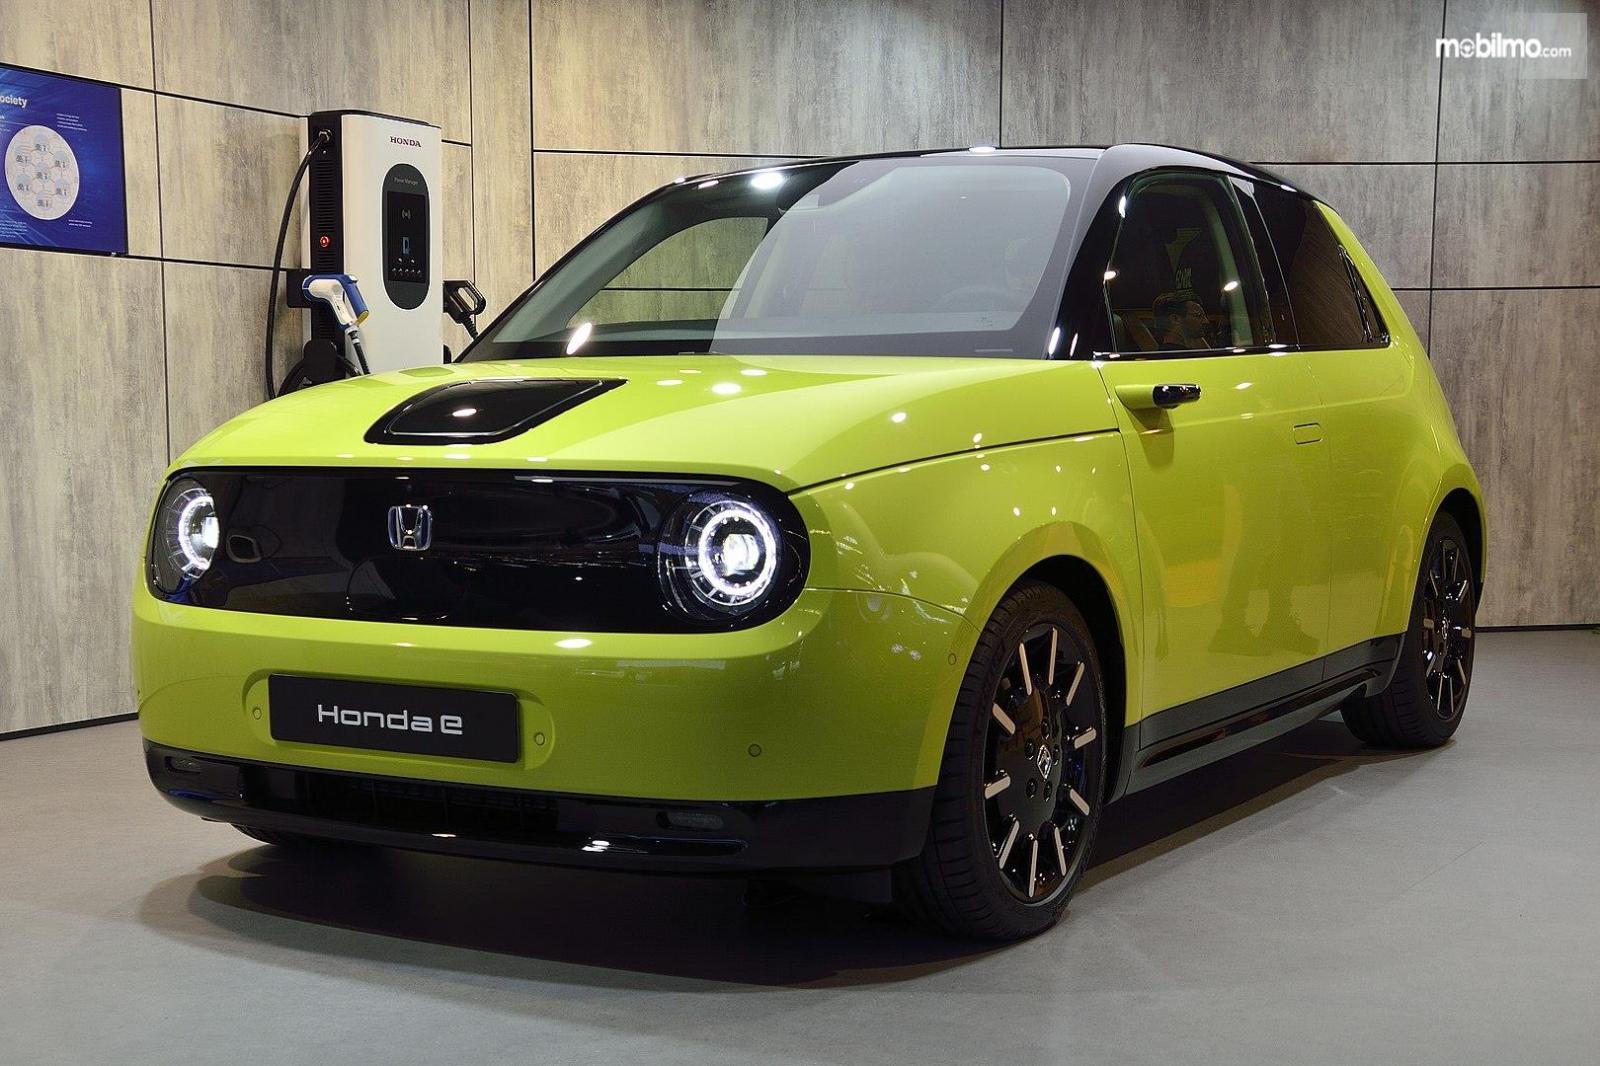 Foto menujukkan mobil listrik Honda e tampak dari samping depan